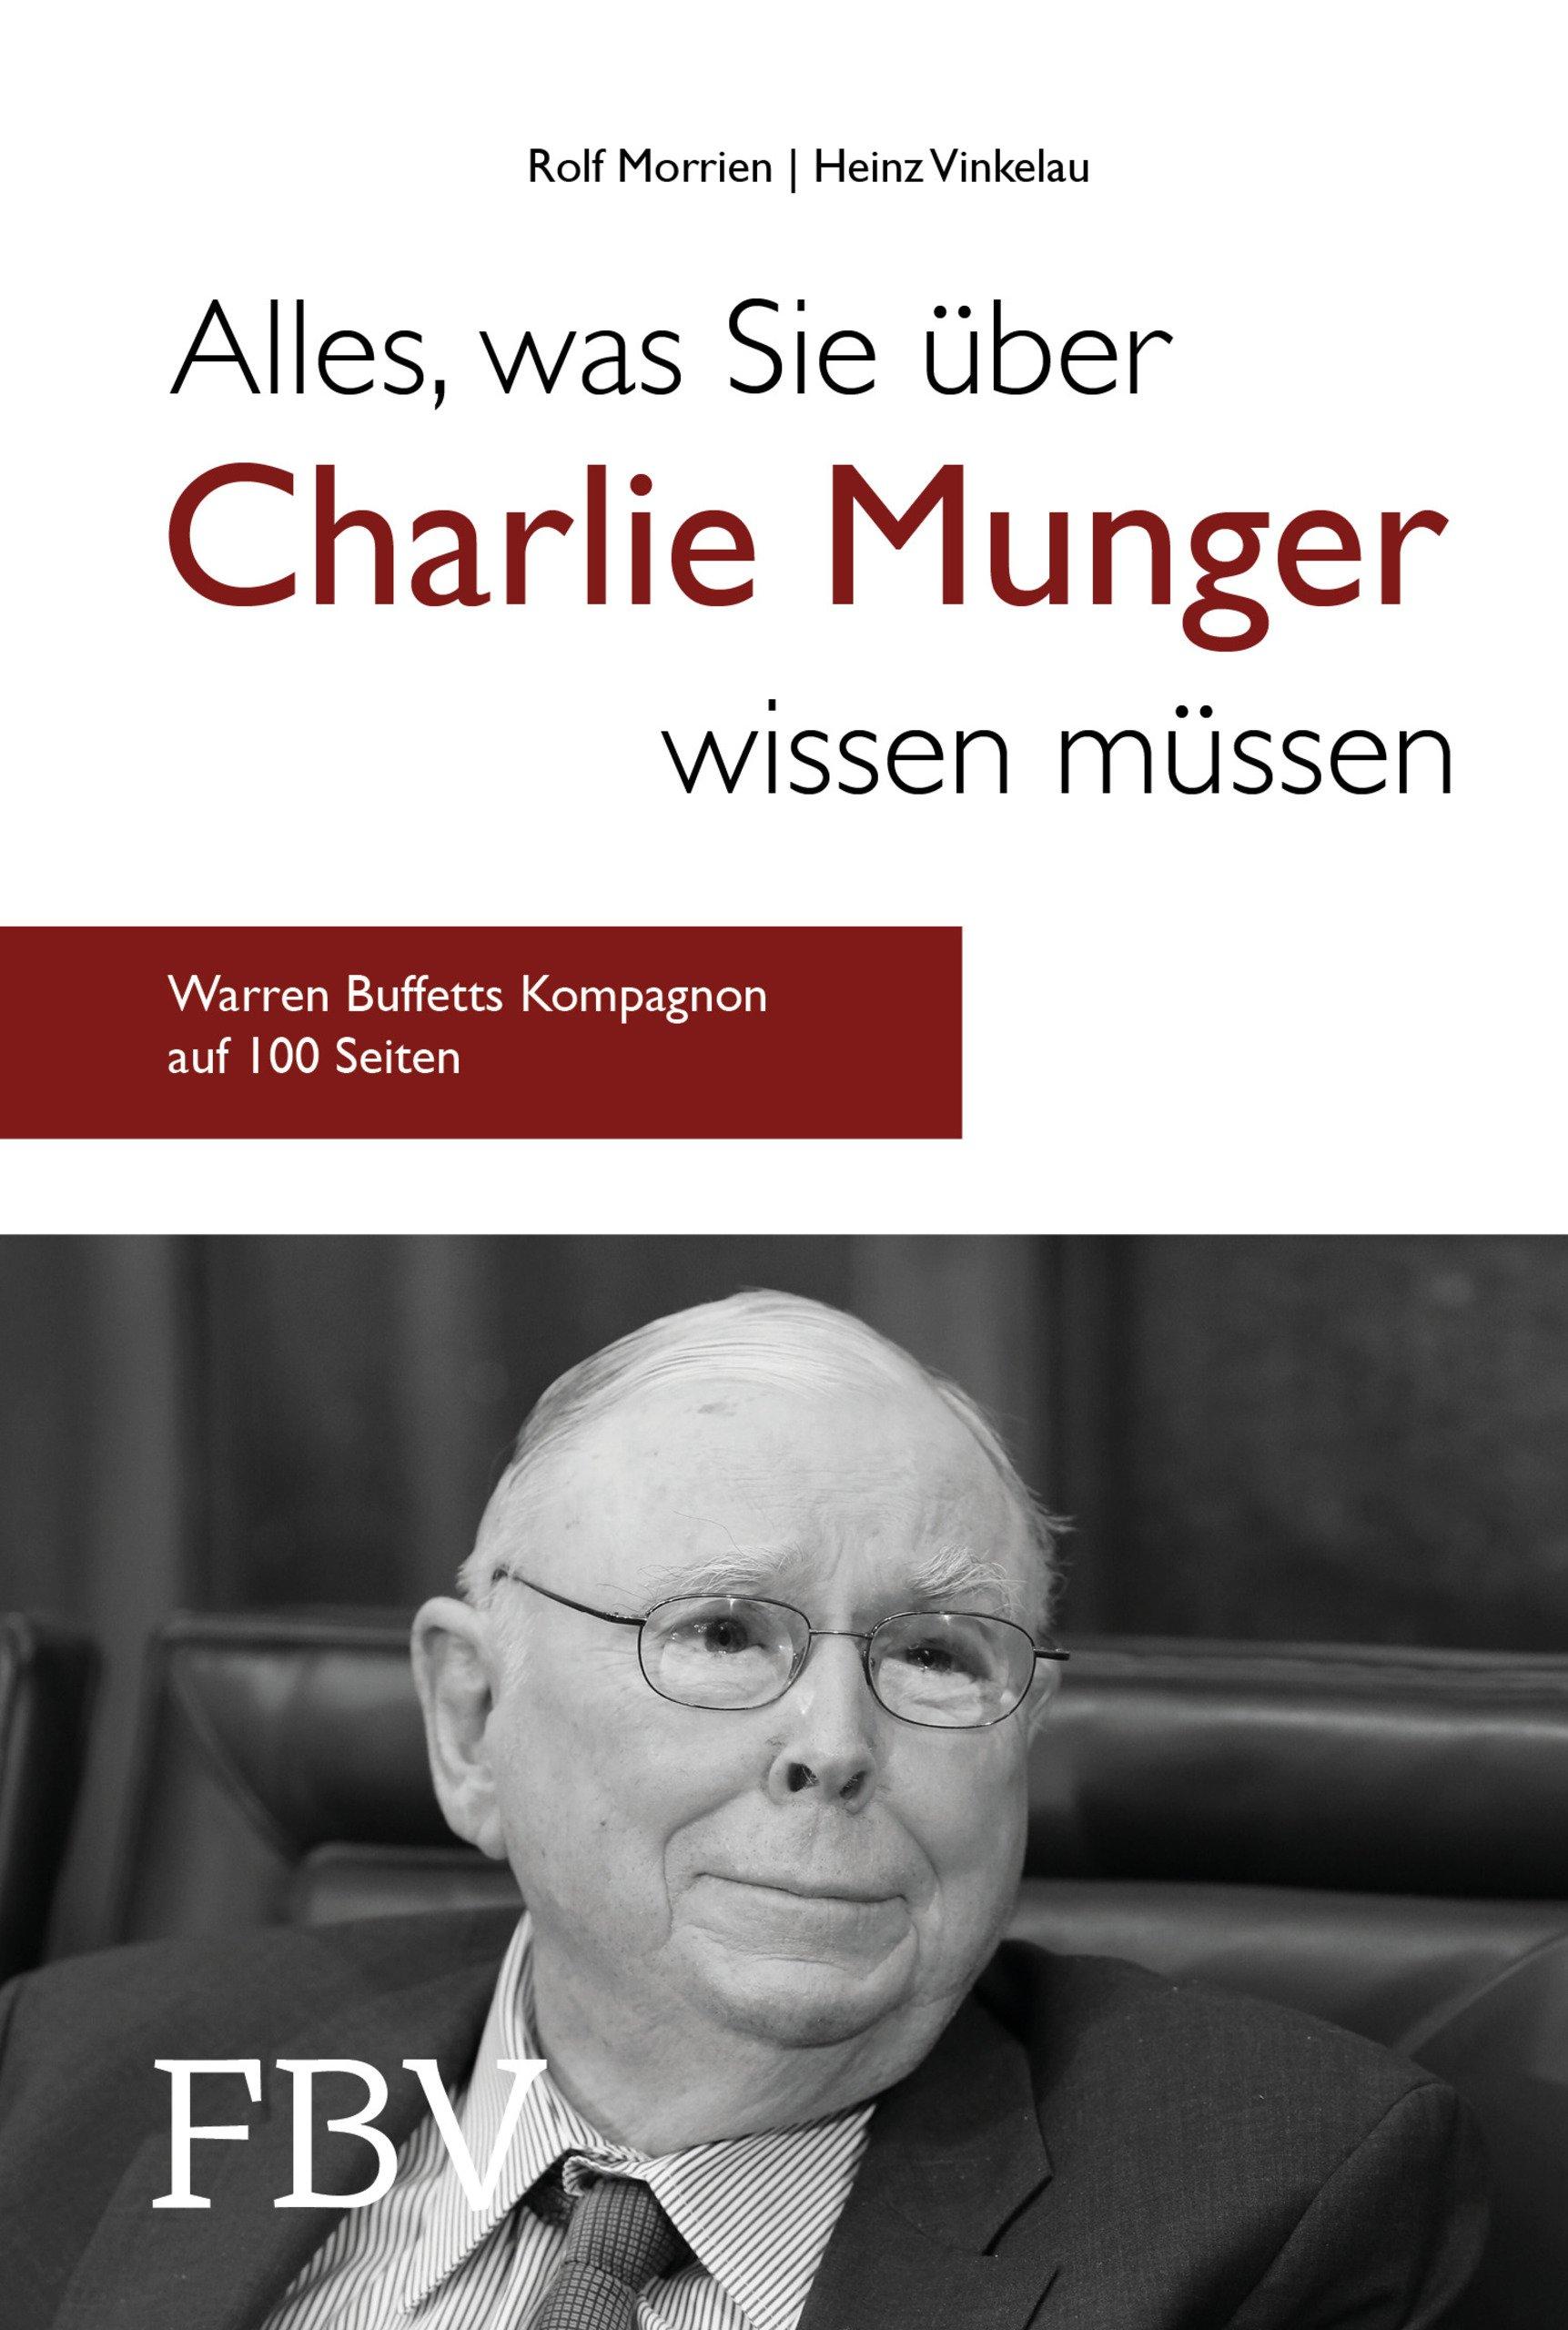 Alles, was Sie über Charlie Munger wissen müssen: Warren Buffetts Kompagnon auf gerade mal 100 Seiten Gebundenes Buch – 14. Mai 2018 Rolf Morrien Heinz Vinkelau FinanzBuch Verlag 3959721188